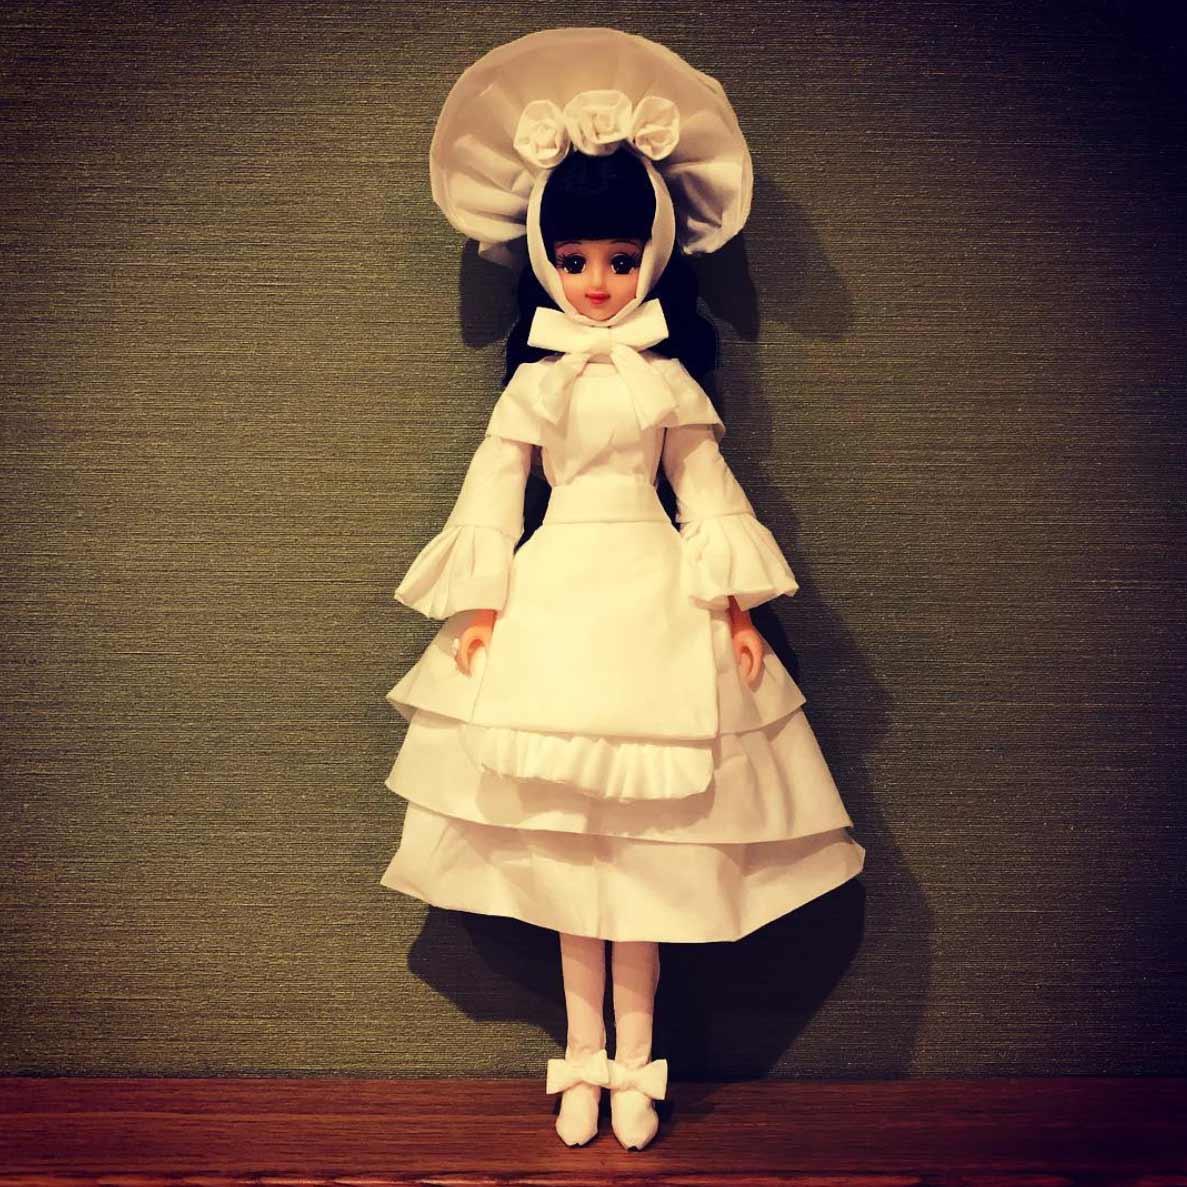 Puppenkleider aus Klopapier und Taschentüchern Jian-Yang-Puppenkleider-aus-Papier_04